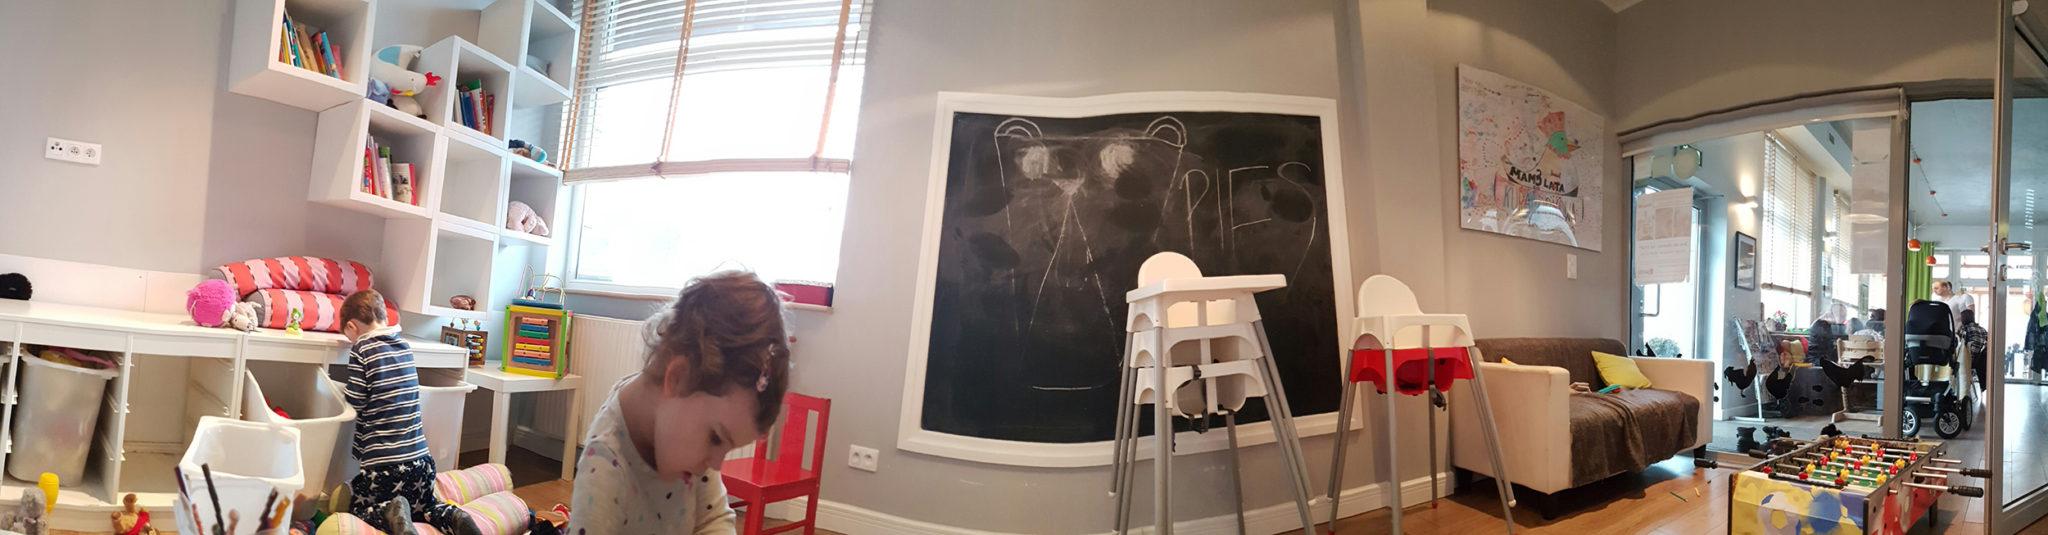 Dzieciaki w restauracji